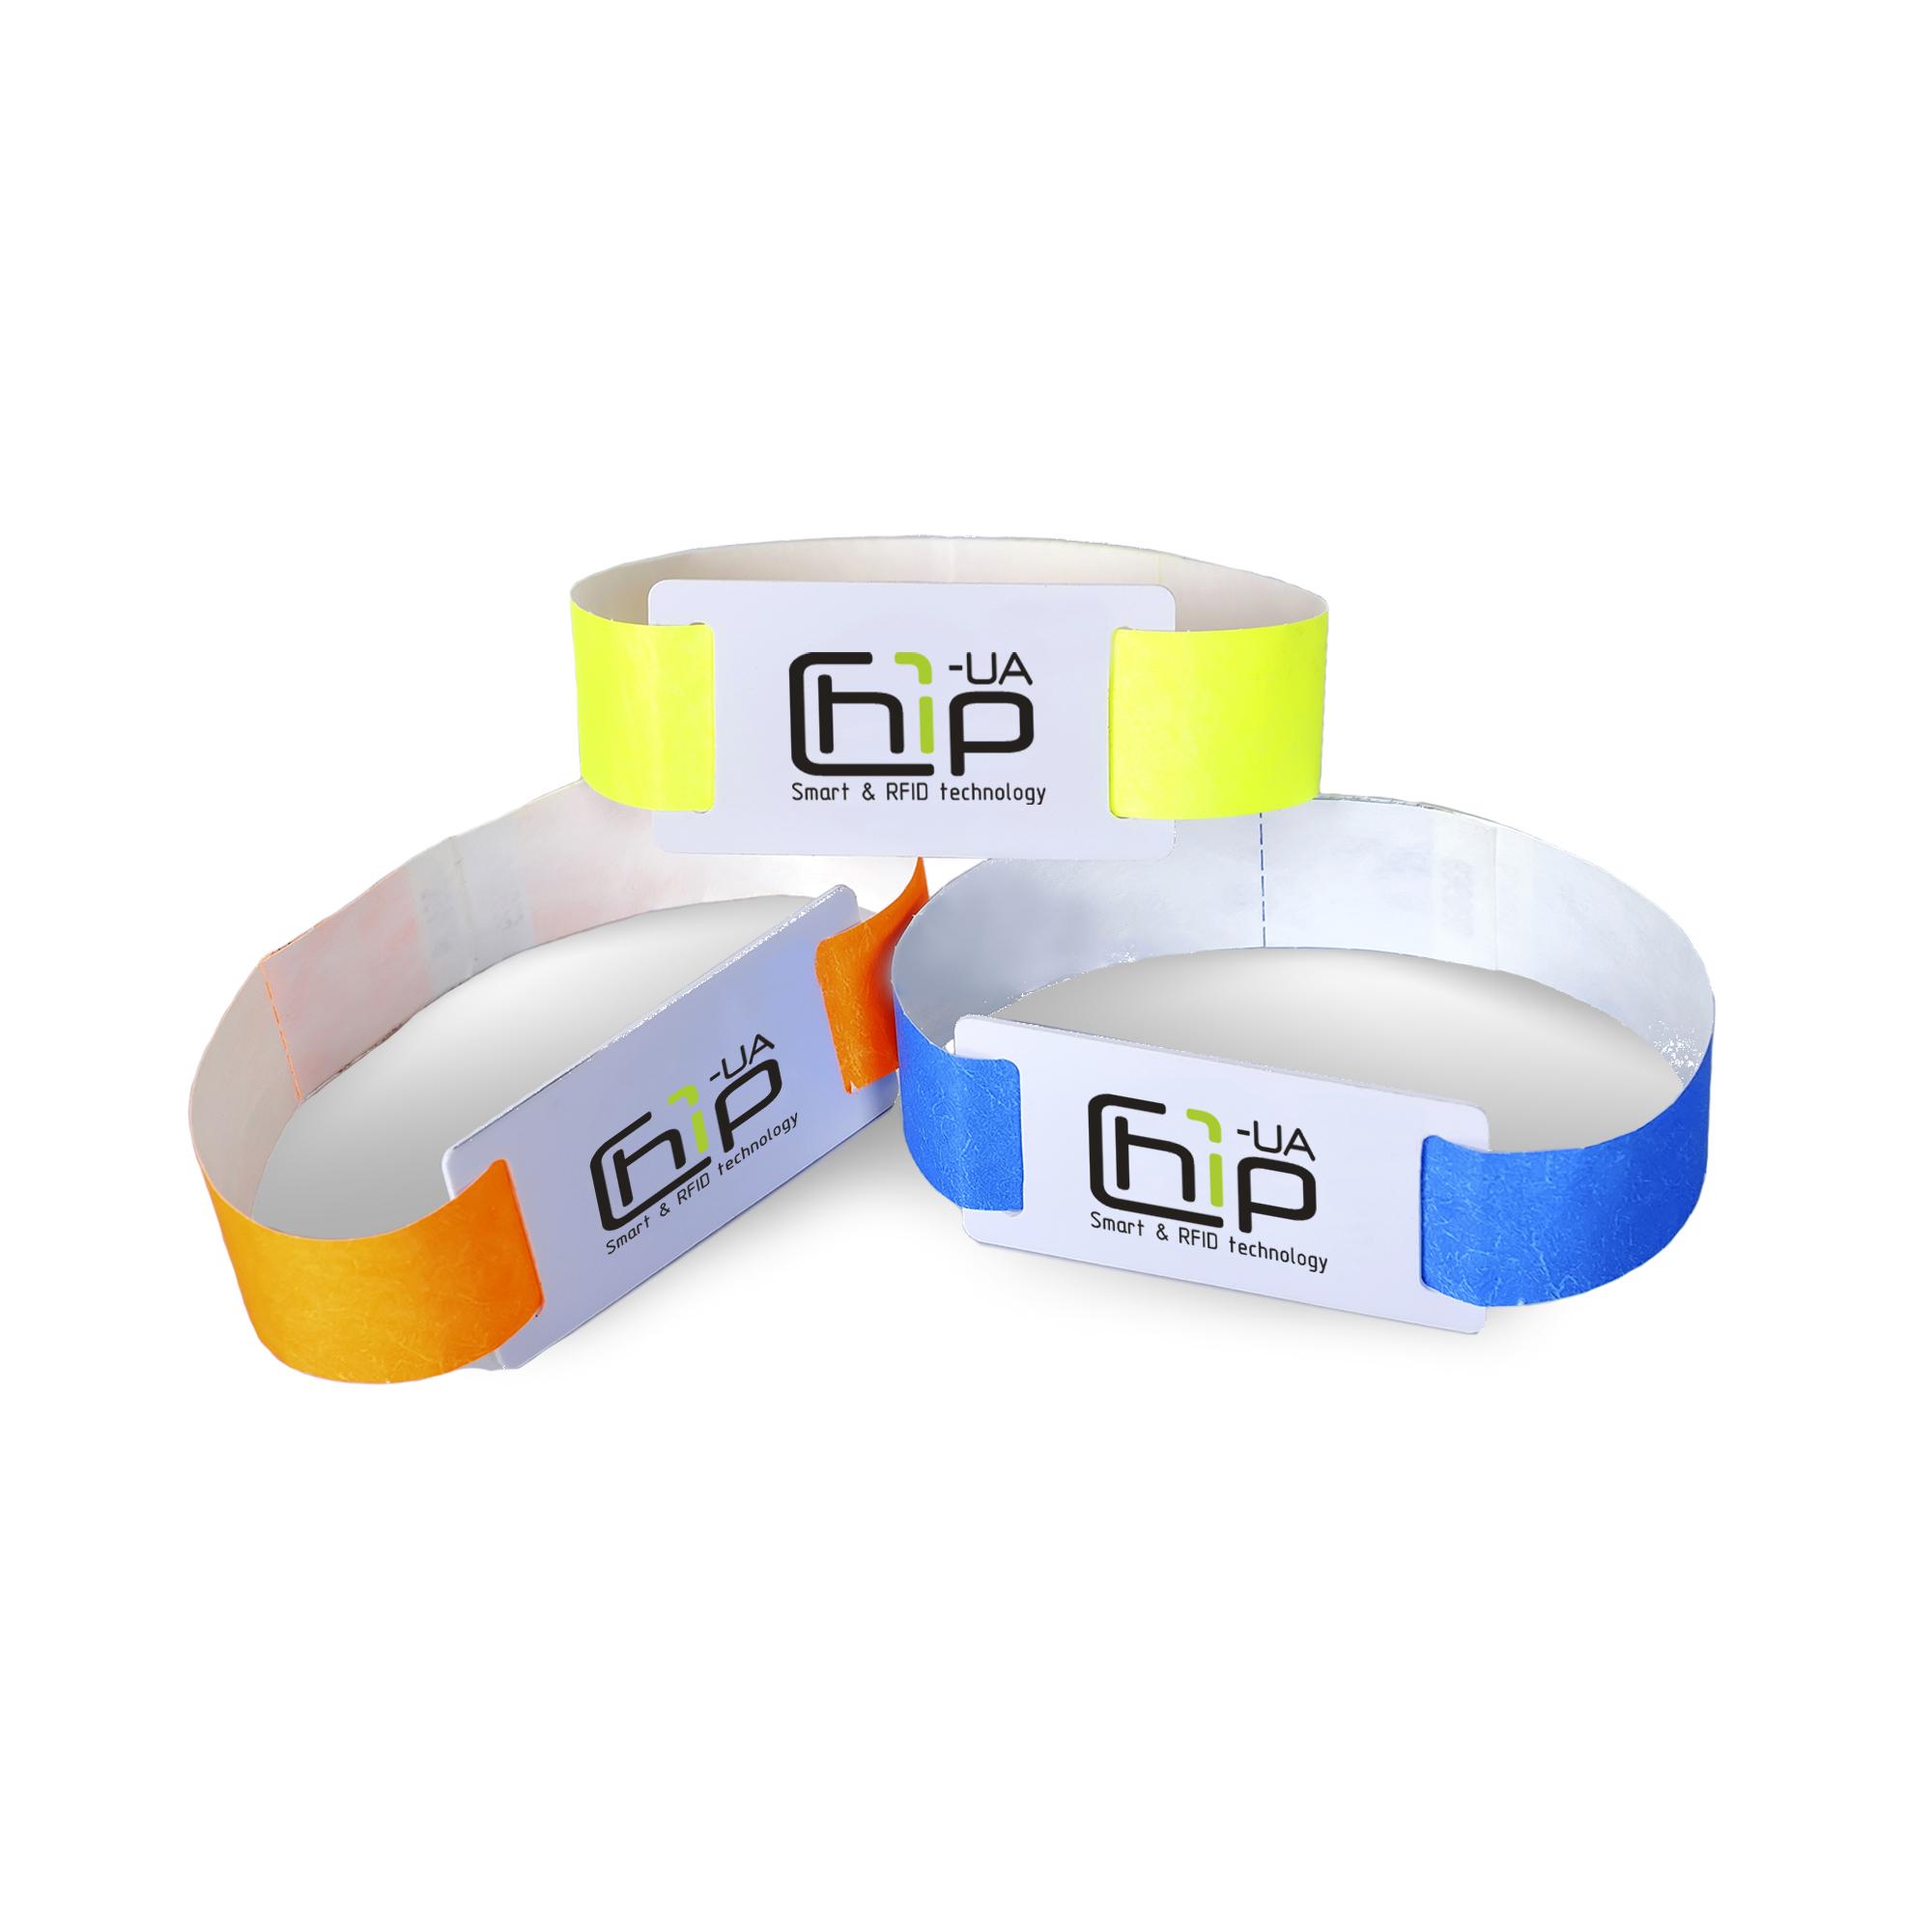 Chip-UA | Оранжевый, желтый и синий бесконтактные RFID-браслеты с полноцветной печатью на бумажном ремешке с чипом Mifare 1K